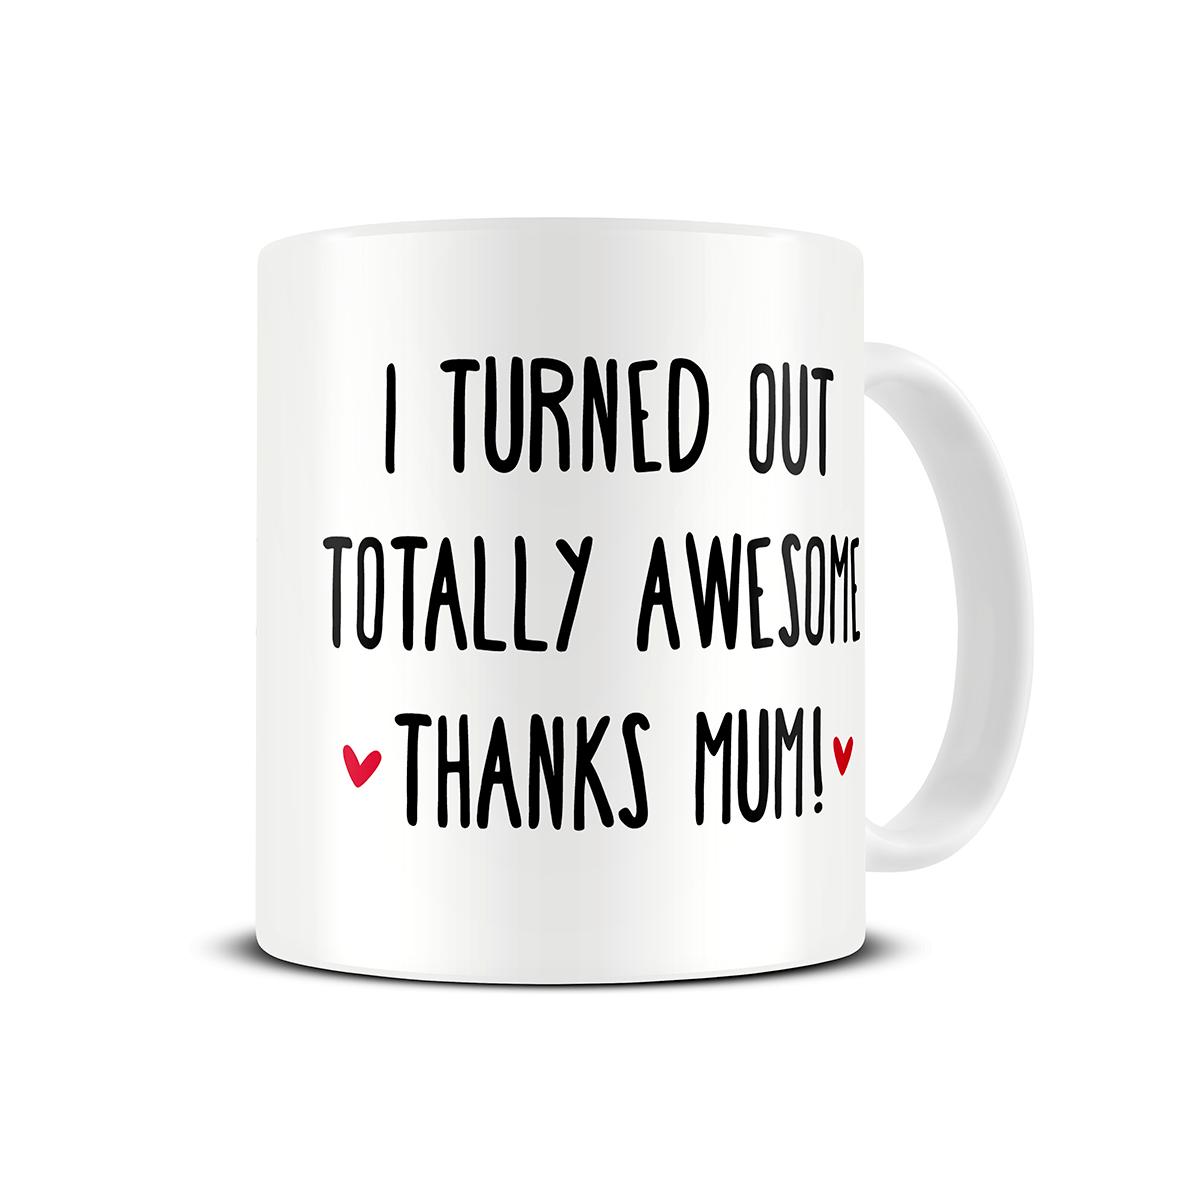 i-turned-out-awesome-mum-mug